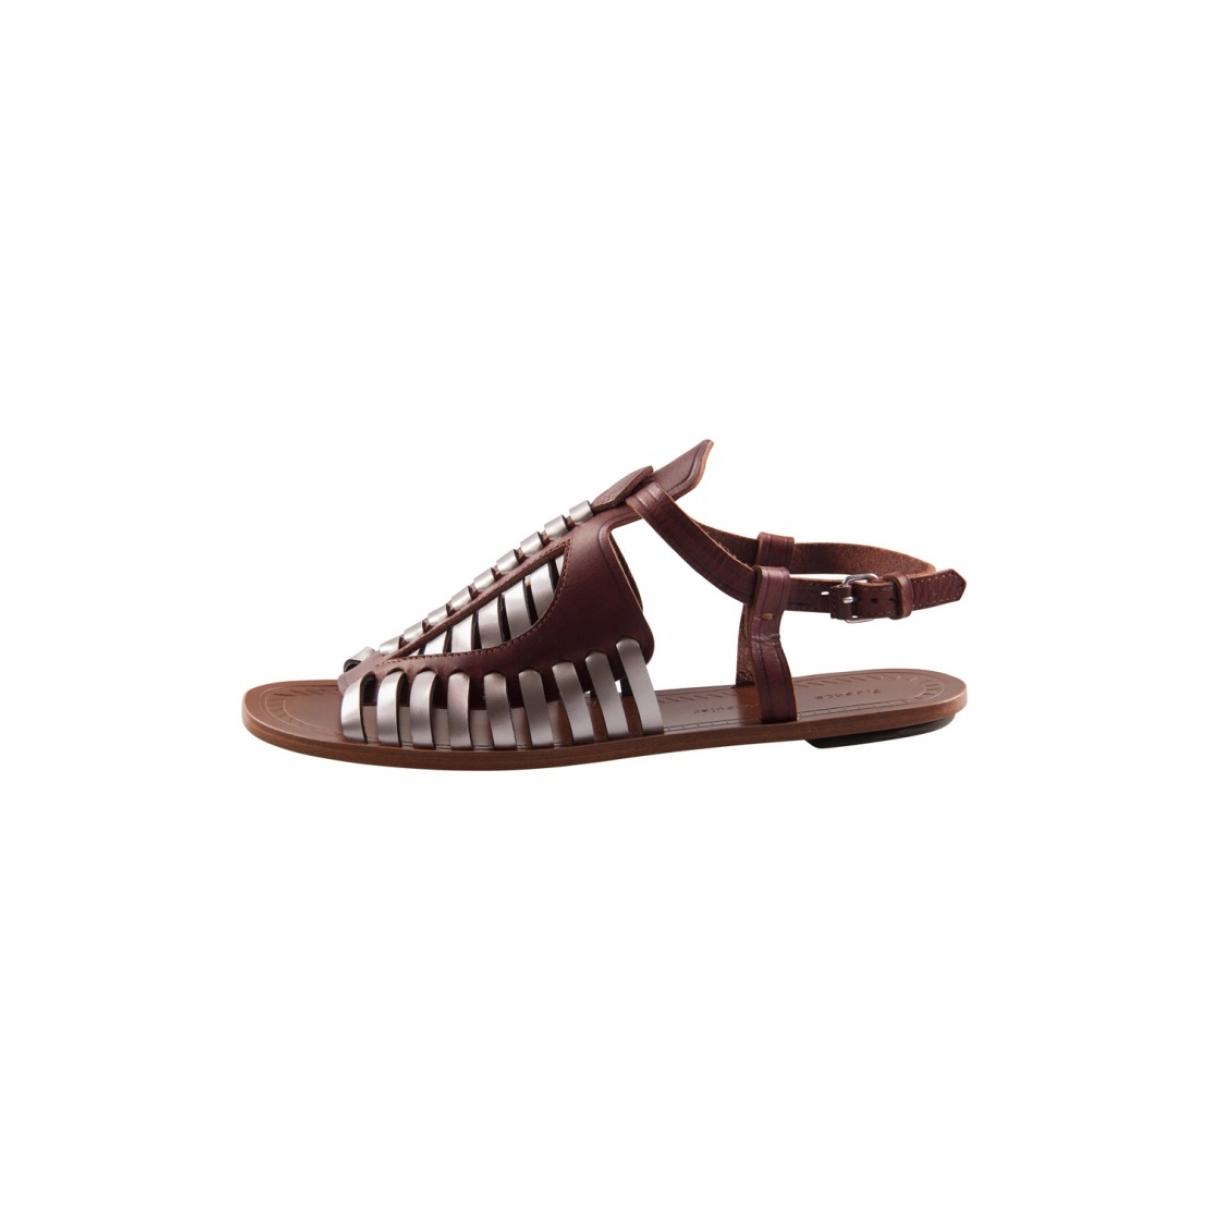 Proenza Schouler - Sandales   pour femme en cuir - marron